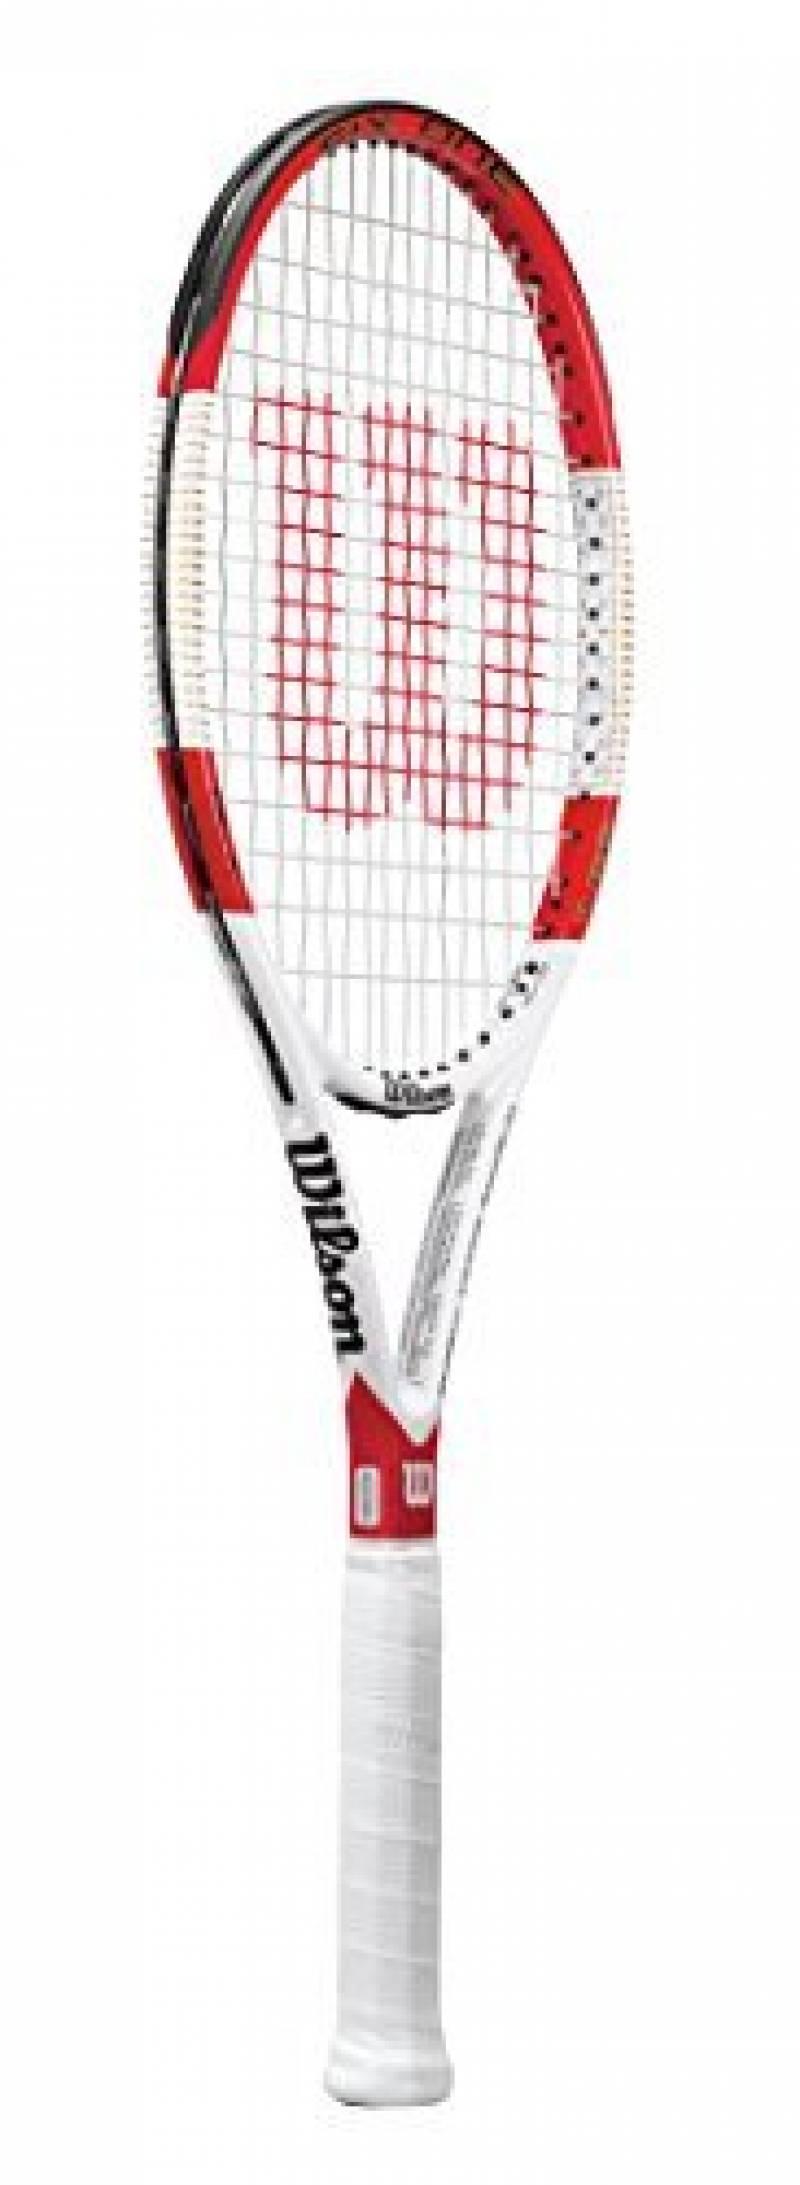 WILSON Raquette de tennis Six. One 95L pour Adulte (16 x 18) de la marque Wilson TOP 9 image 0 produit